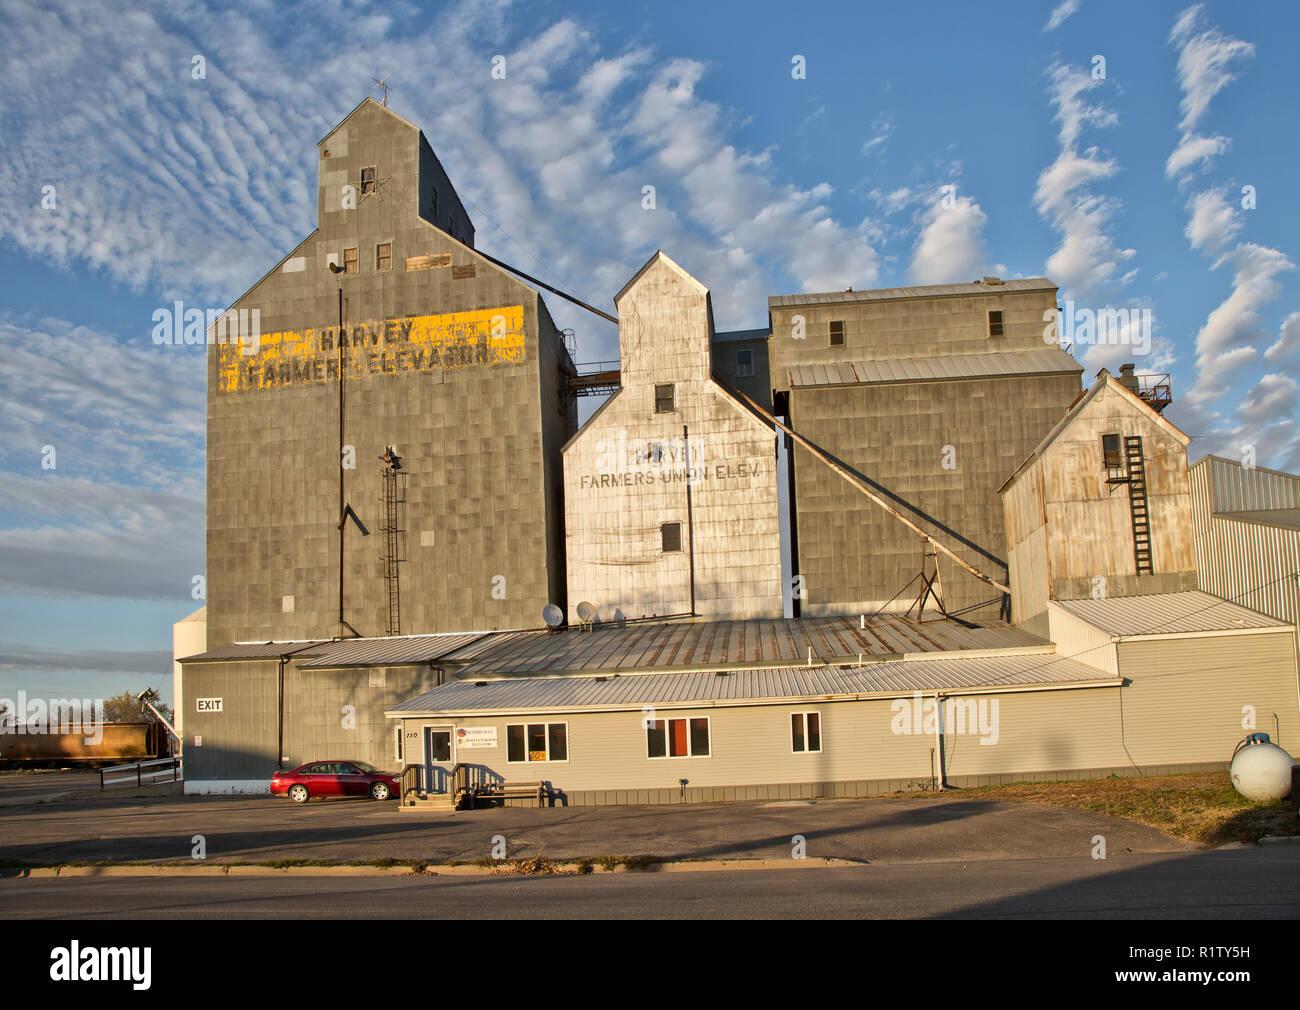 Harvey 'Agriculteurs' & l'ascenseur plus 'Farmers Union' ascenseur à droite, early morning light, Harvey, dans le Dakota du Nord. Photo Stock